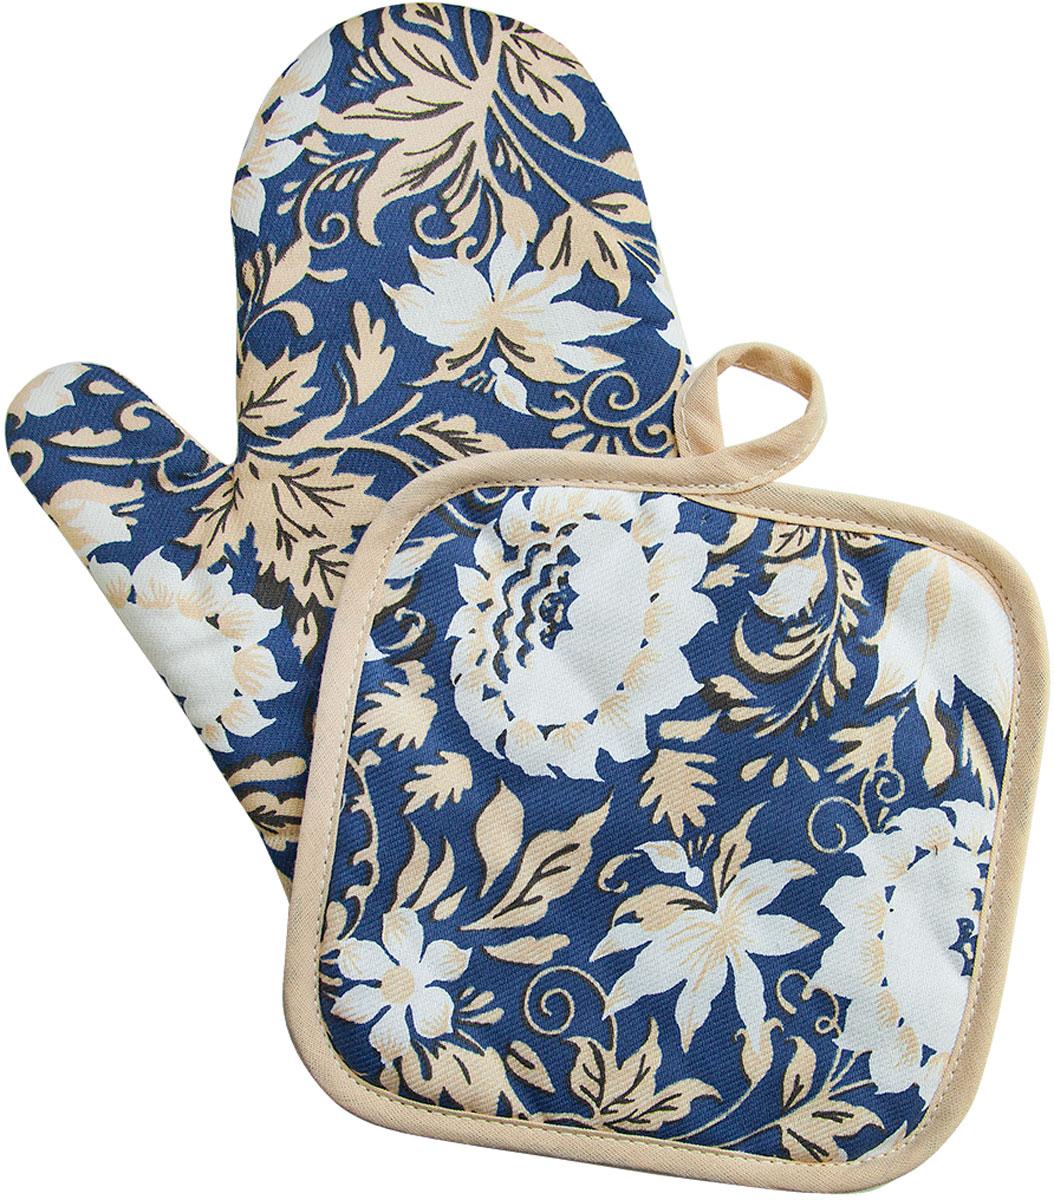 Набор прихваток Bonita Белые росы, 2 предмета96515412Набор Bonita Белые росы состоит из прихватки-рукавицы и квадратной прихватки. Изделия выполнены из натурального хлопка и декорированы оригинальным рисунком. Прихватки простеганы, а края окантованы. Оснащены специальными петельками, за которые их можно подвесить на крючок в любом удобном для вас месте. Такой набор красиво дополнит интерьер кухни.